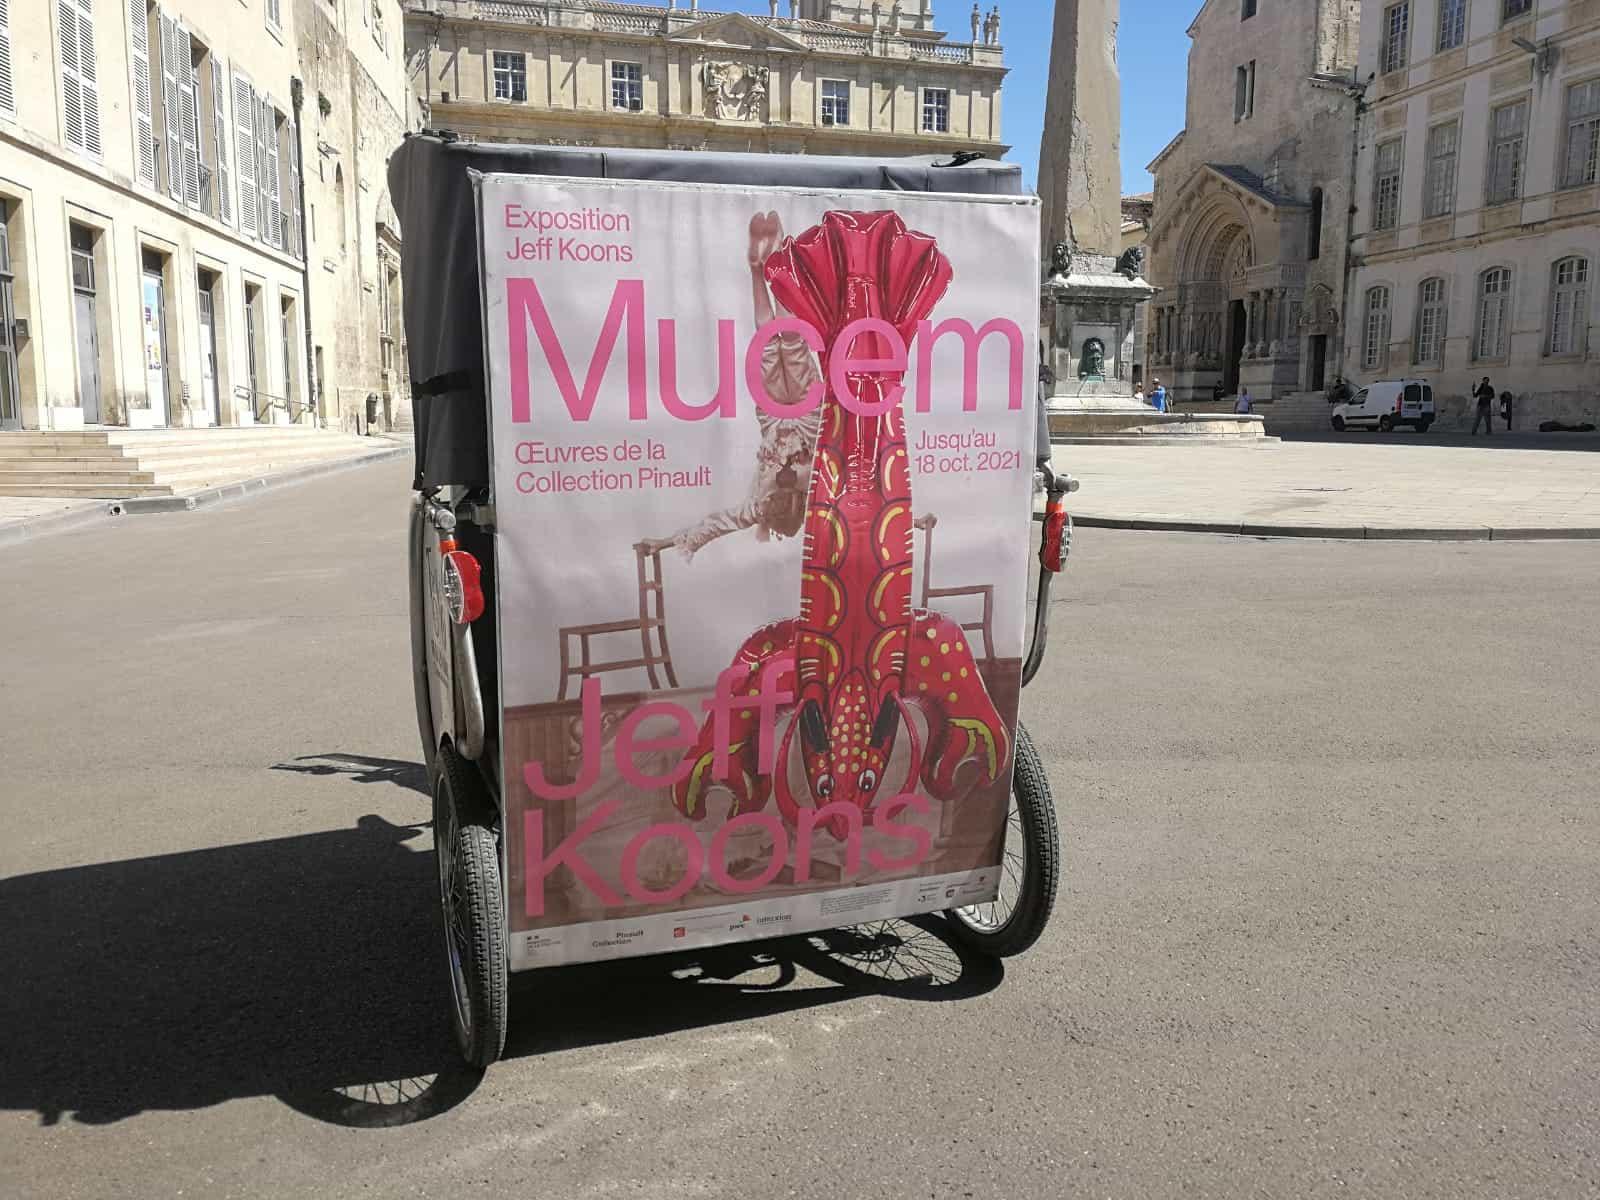 Jeff Koons Mucem: une exposition inédite